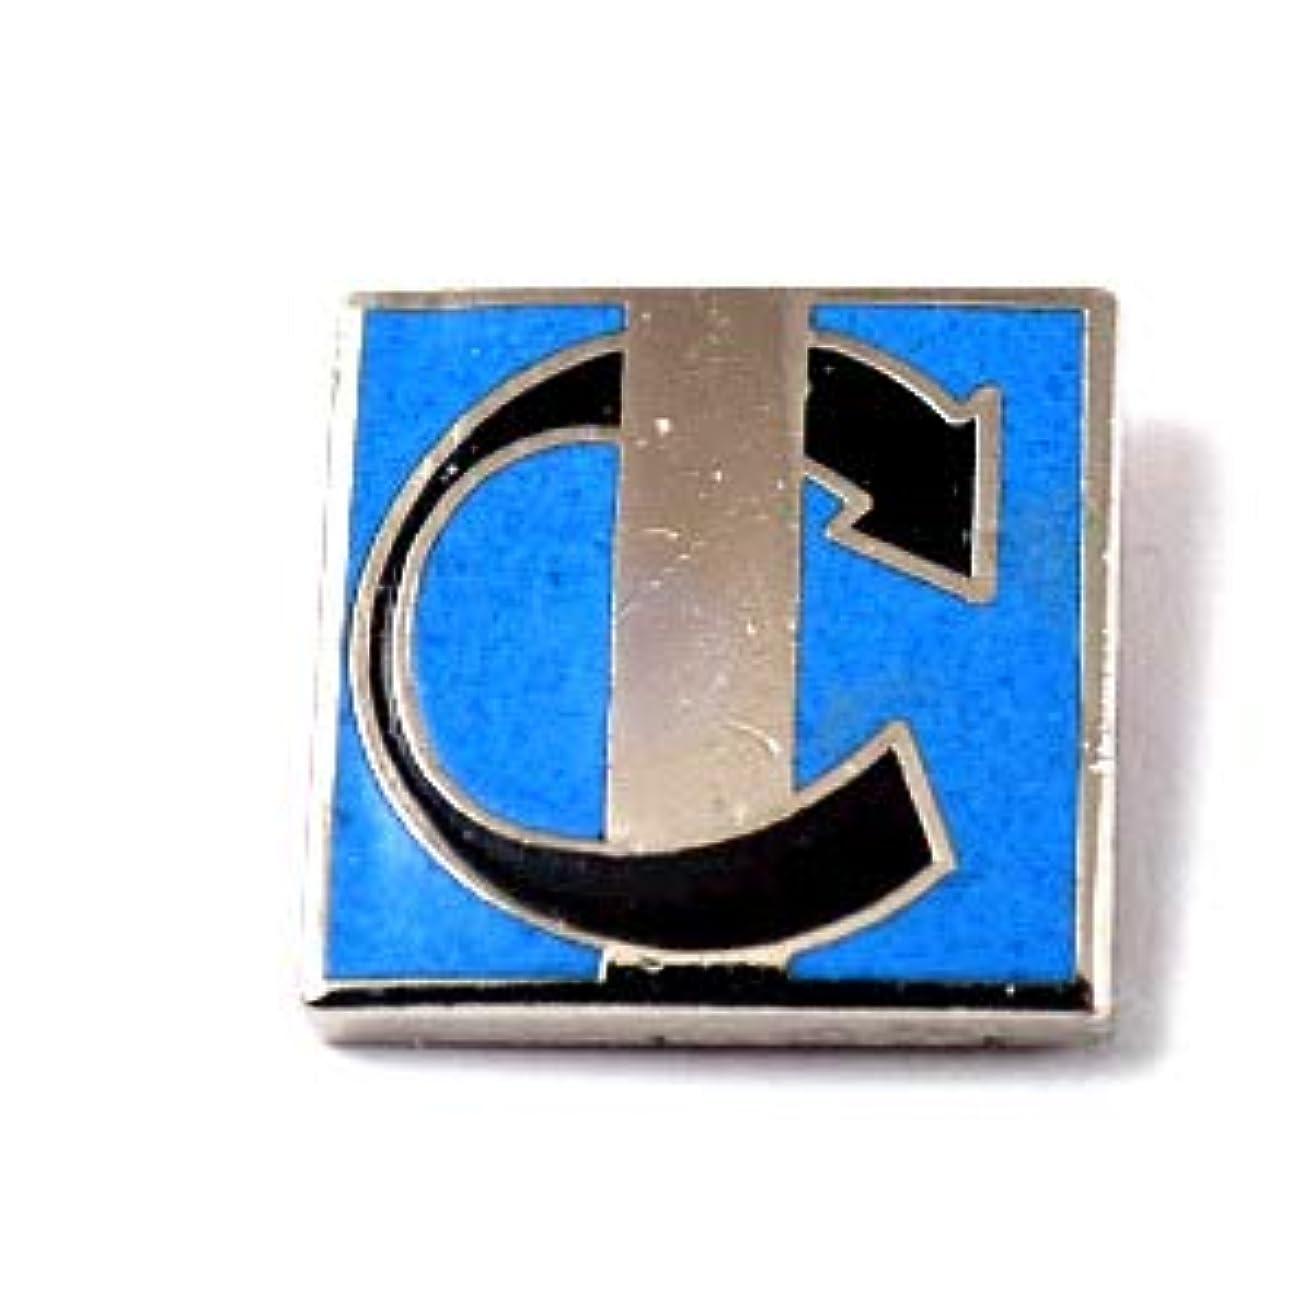 限定 レア ピンバッジ アルファベットCの矢印 ピンズ フランス 288361